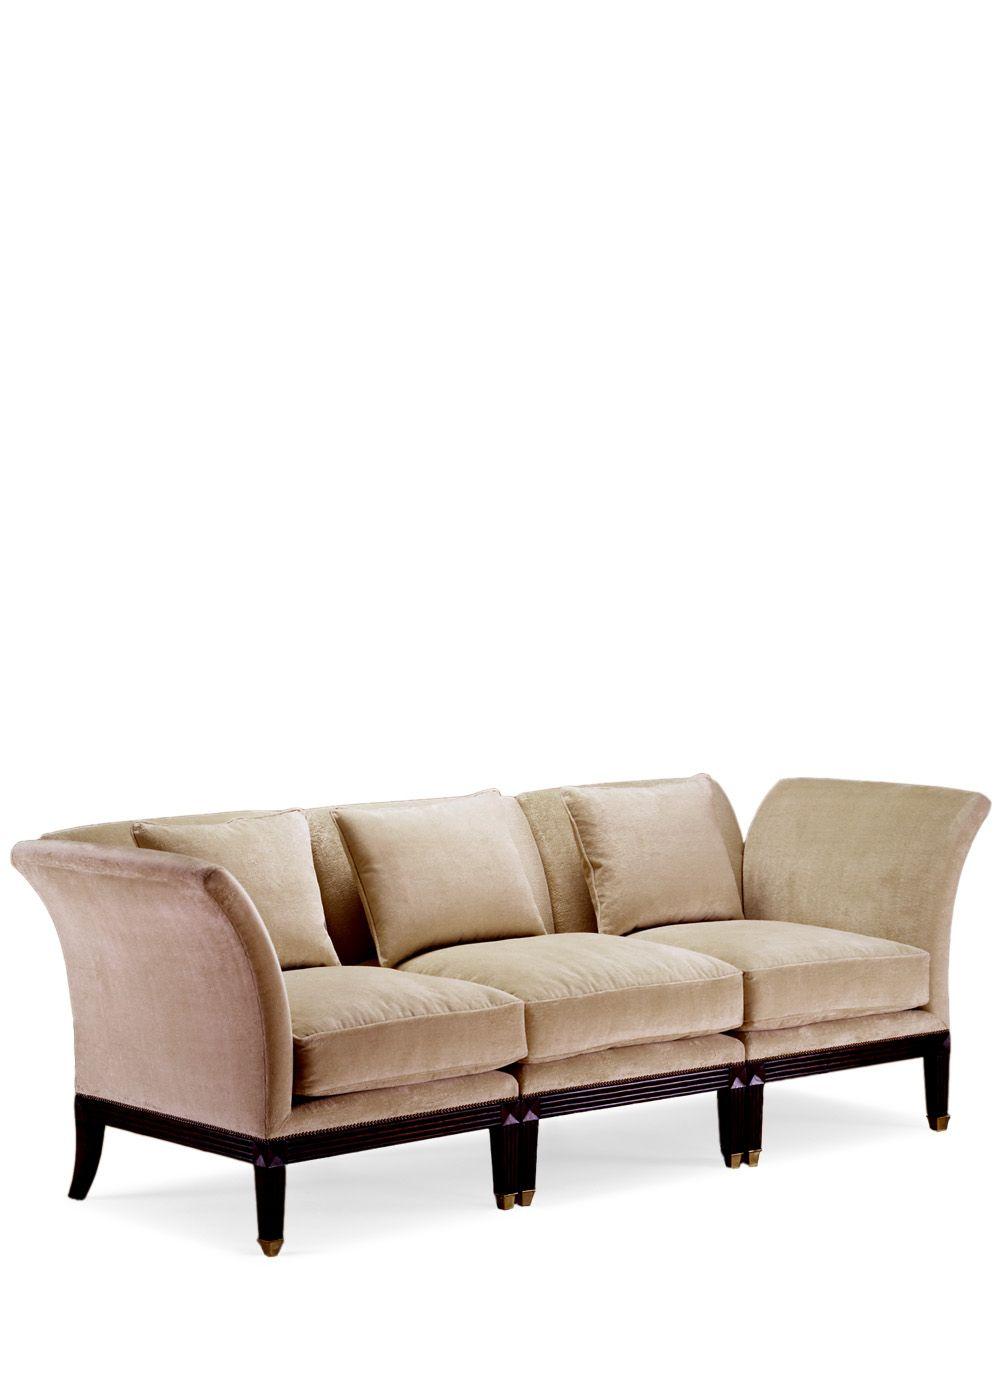 Montserrat Sectional Sofa T0903 By Therien Sofas Dessin Fournir Companies Handcraftedfurniture Interiordesign Luxuryfurniture Dessinfournir